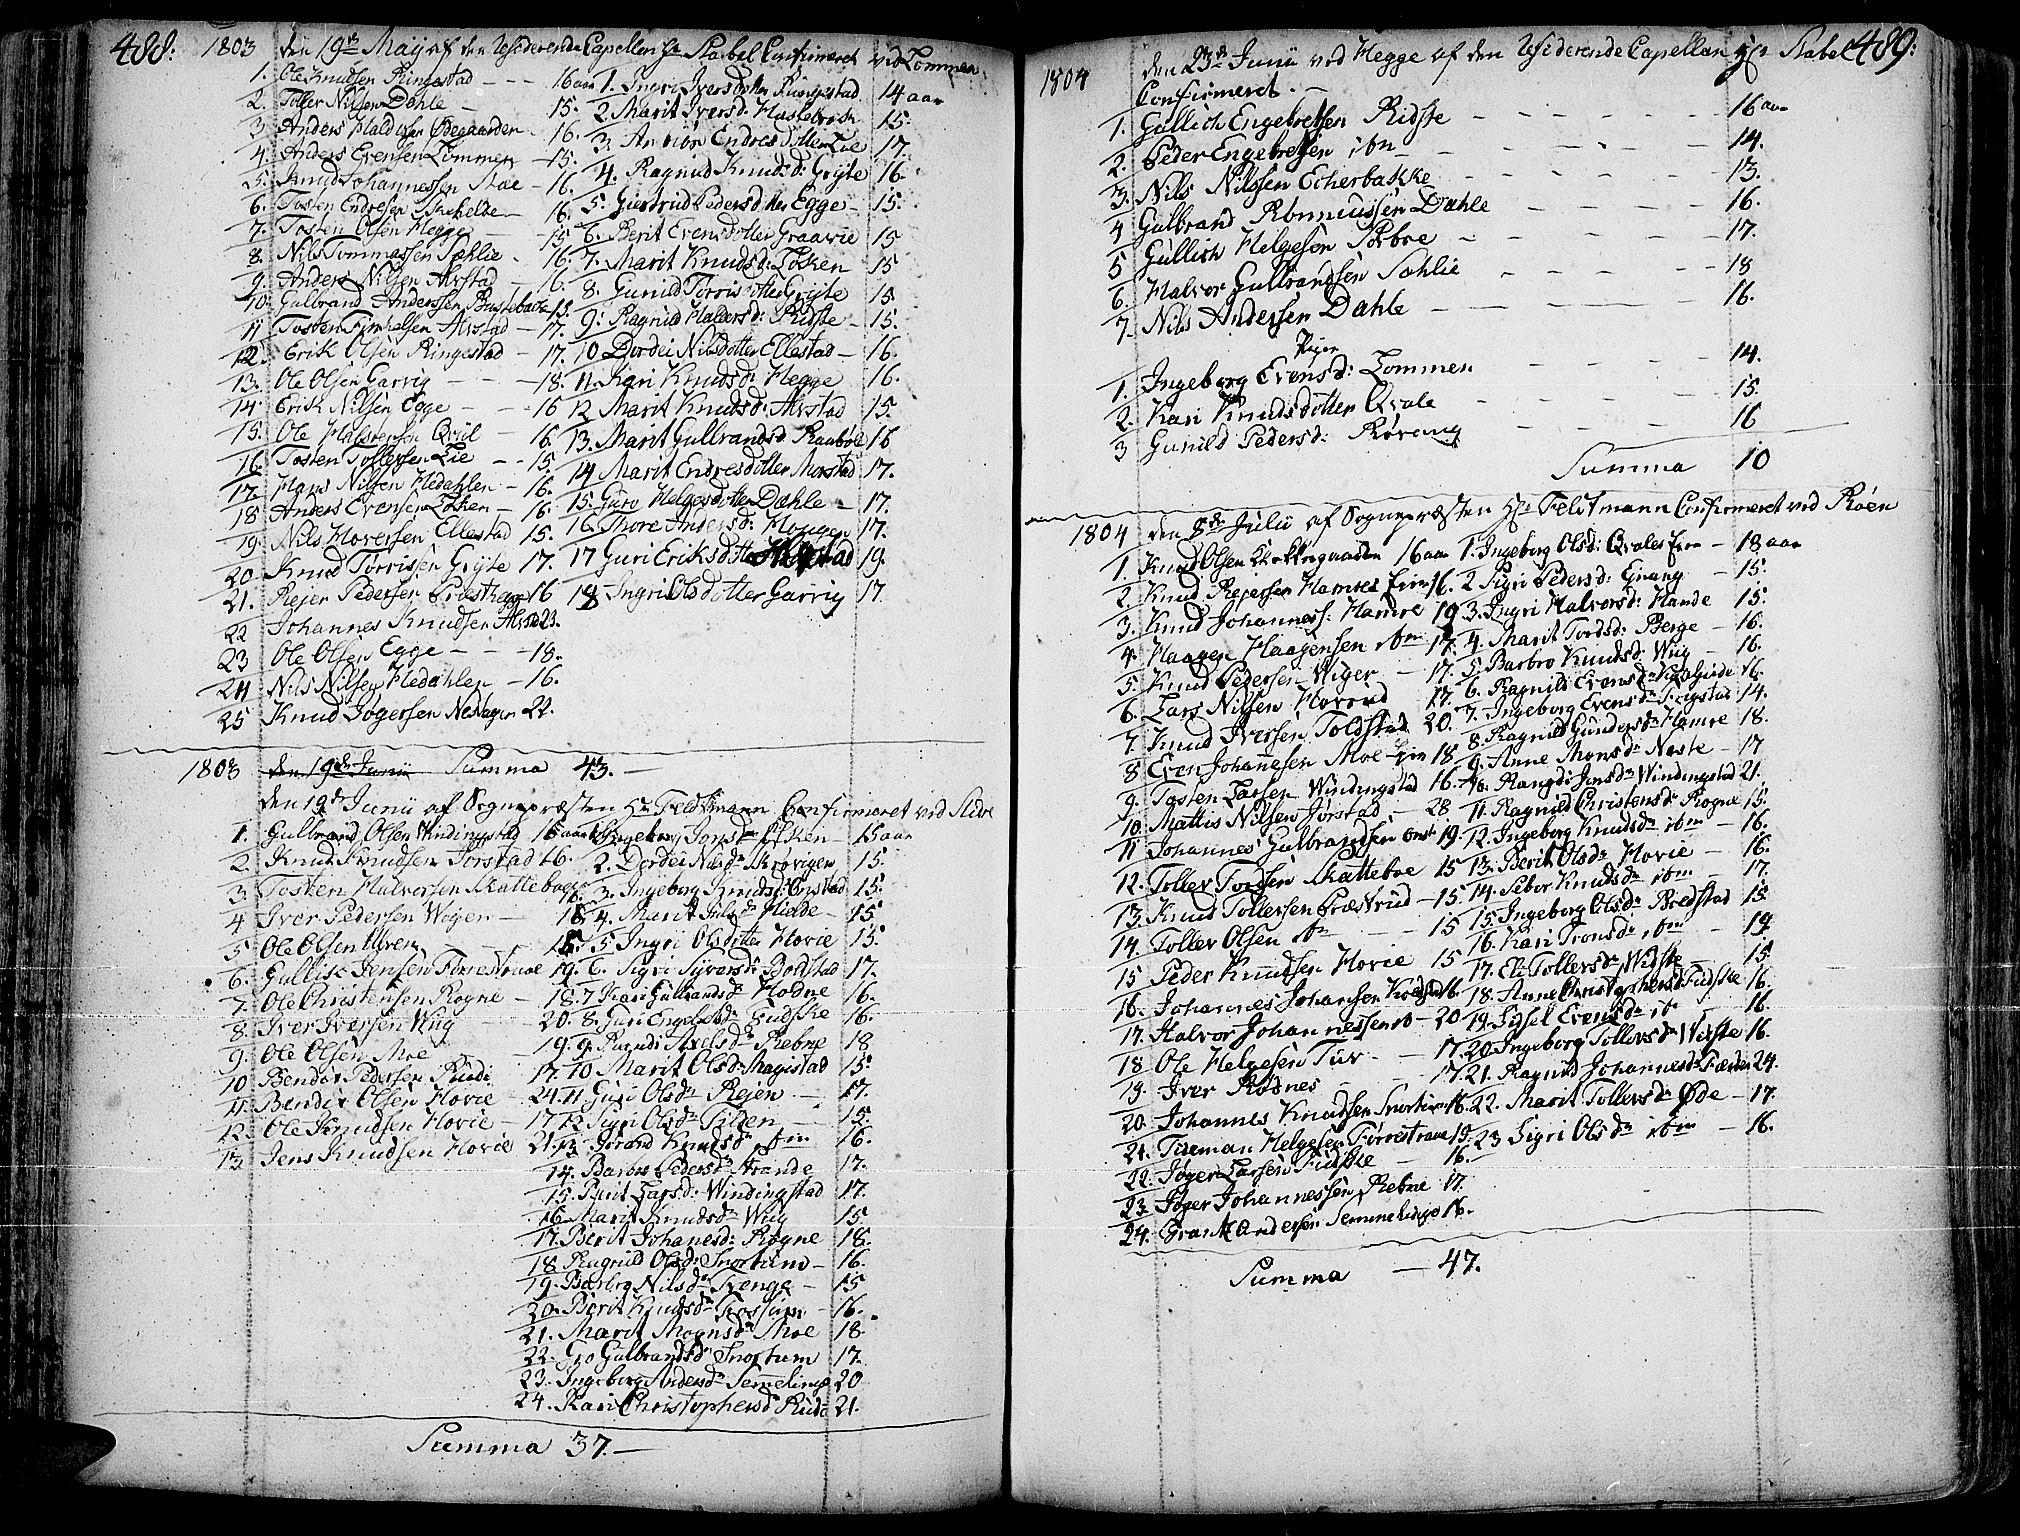 SAH, Slidre prestekontor, Ministerialbok nr. 1, 1724-1814, s. 488-489